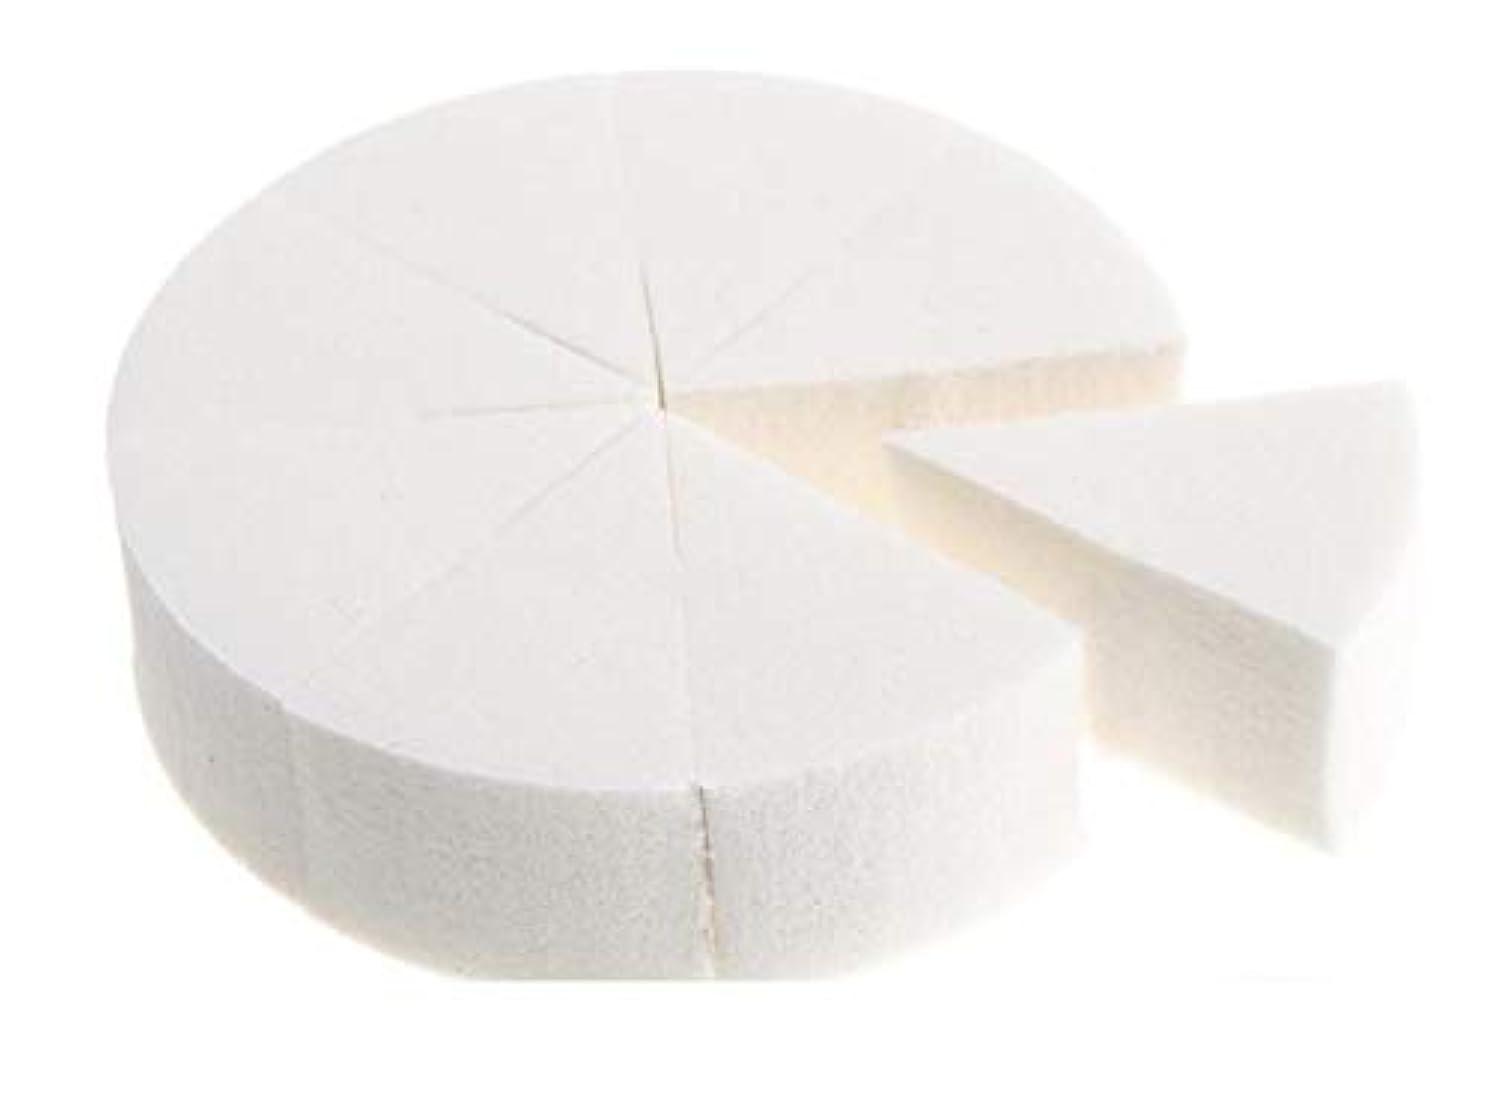 トランザクションスプーン落胆した美容スポンジ、柔らかい8部分の三角形の構造のスポンジのパフの構造のミキサー (Color : ホワイト)